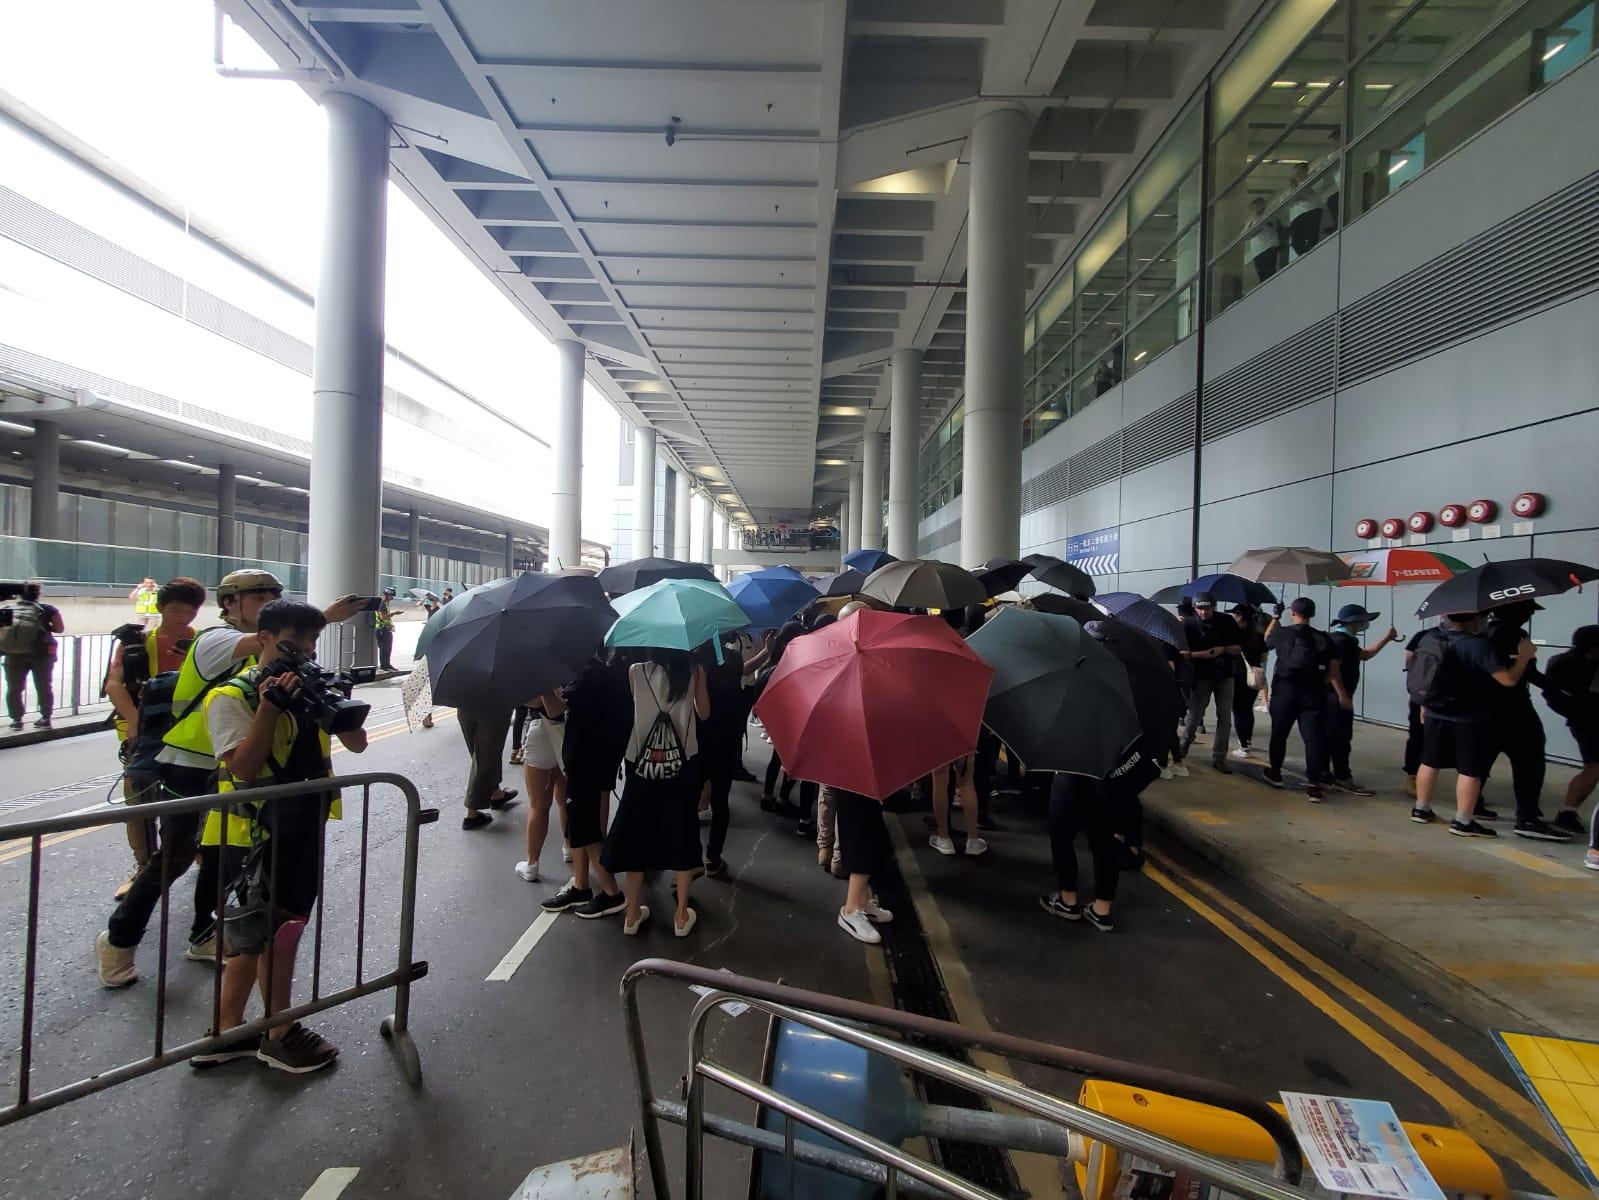 【堵塞机场】示威者图闯客运大楼被阻止 以手推车铁马筑路障